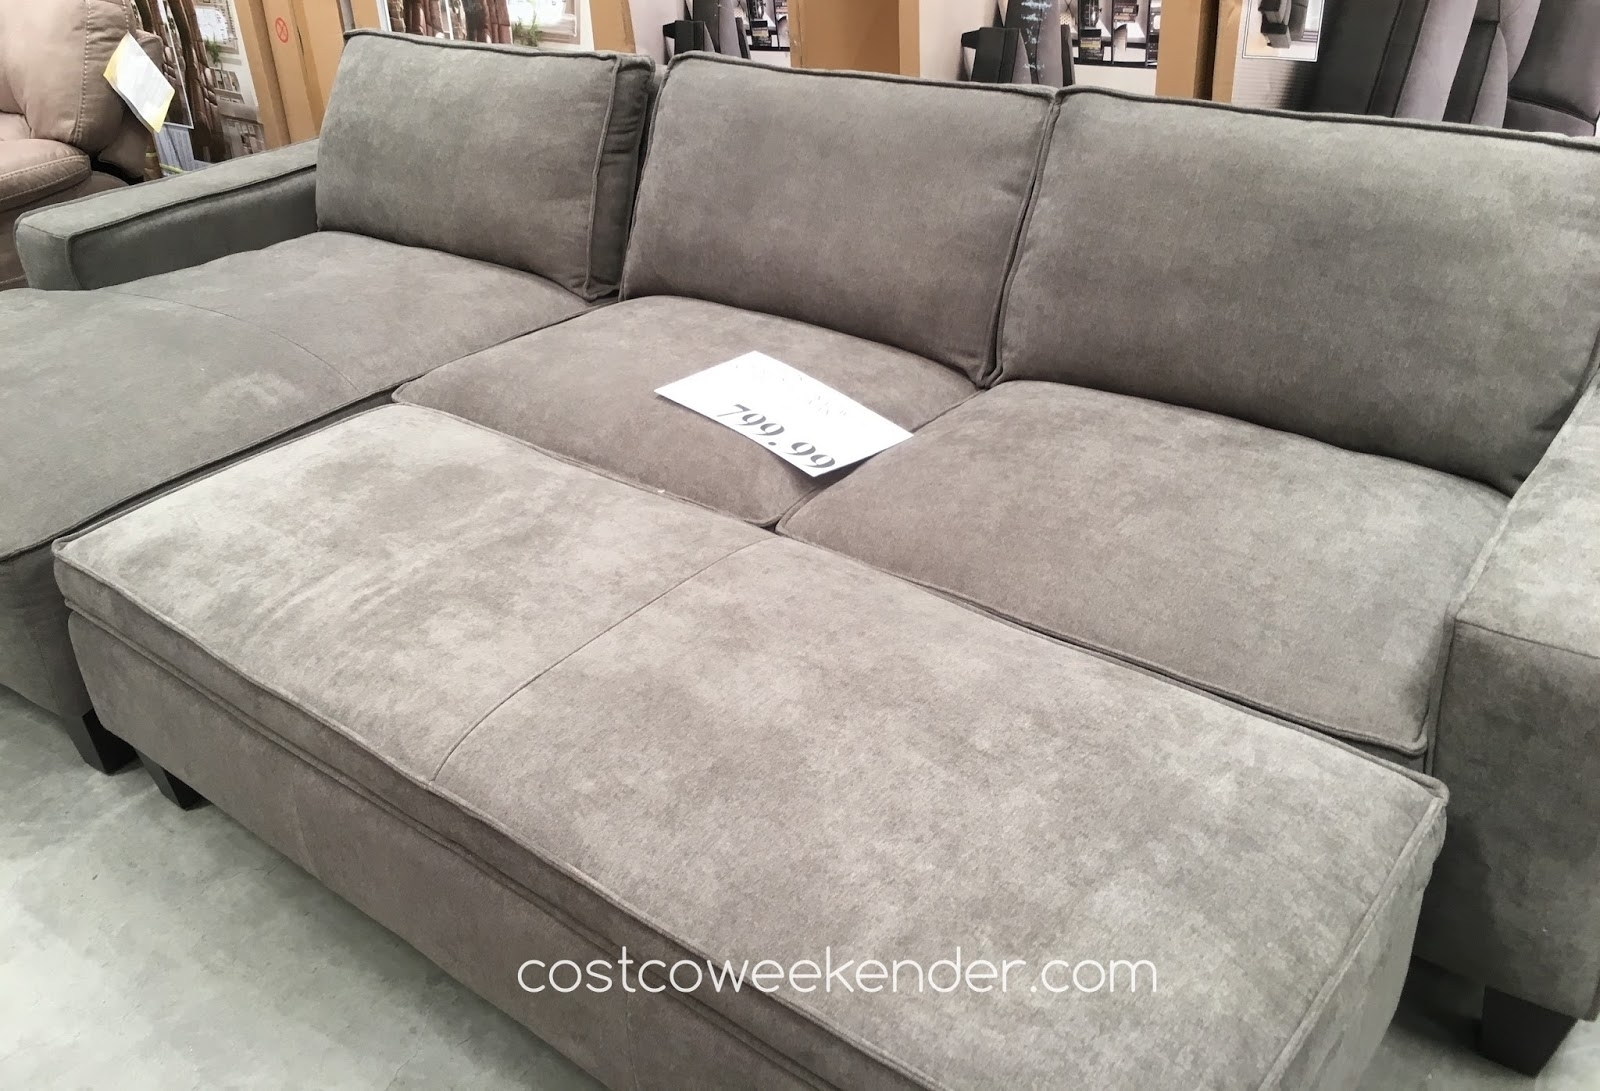 50 Glamorous Chaise Sofa With Storage Ottoman Ea122980 – Sofa Q Pertaining To Taren Reversible Sofa/chaise Sleeper Sectionals With Storage Ottoman (Image 2 of 25)